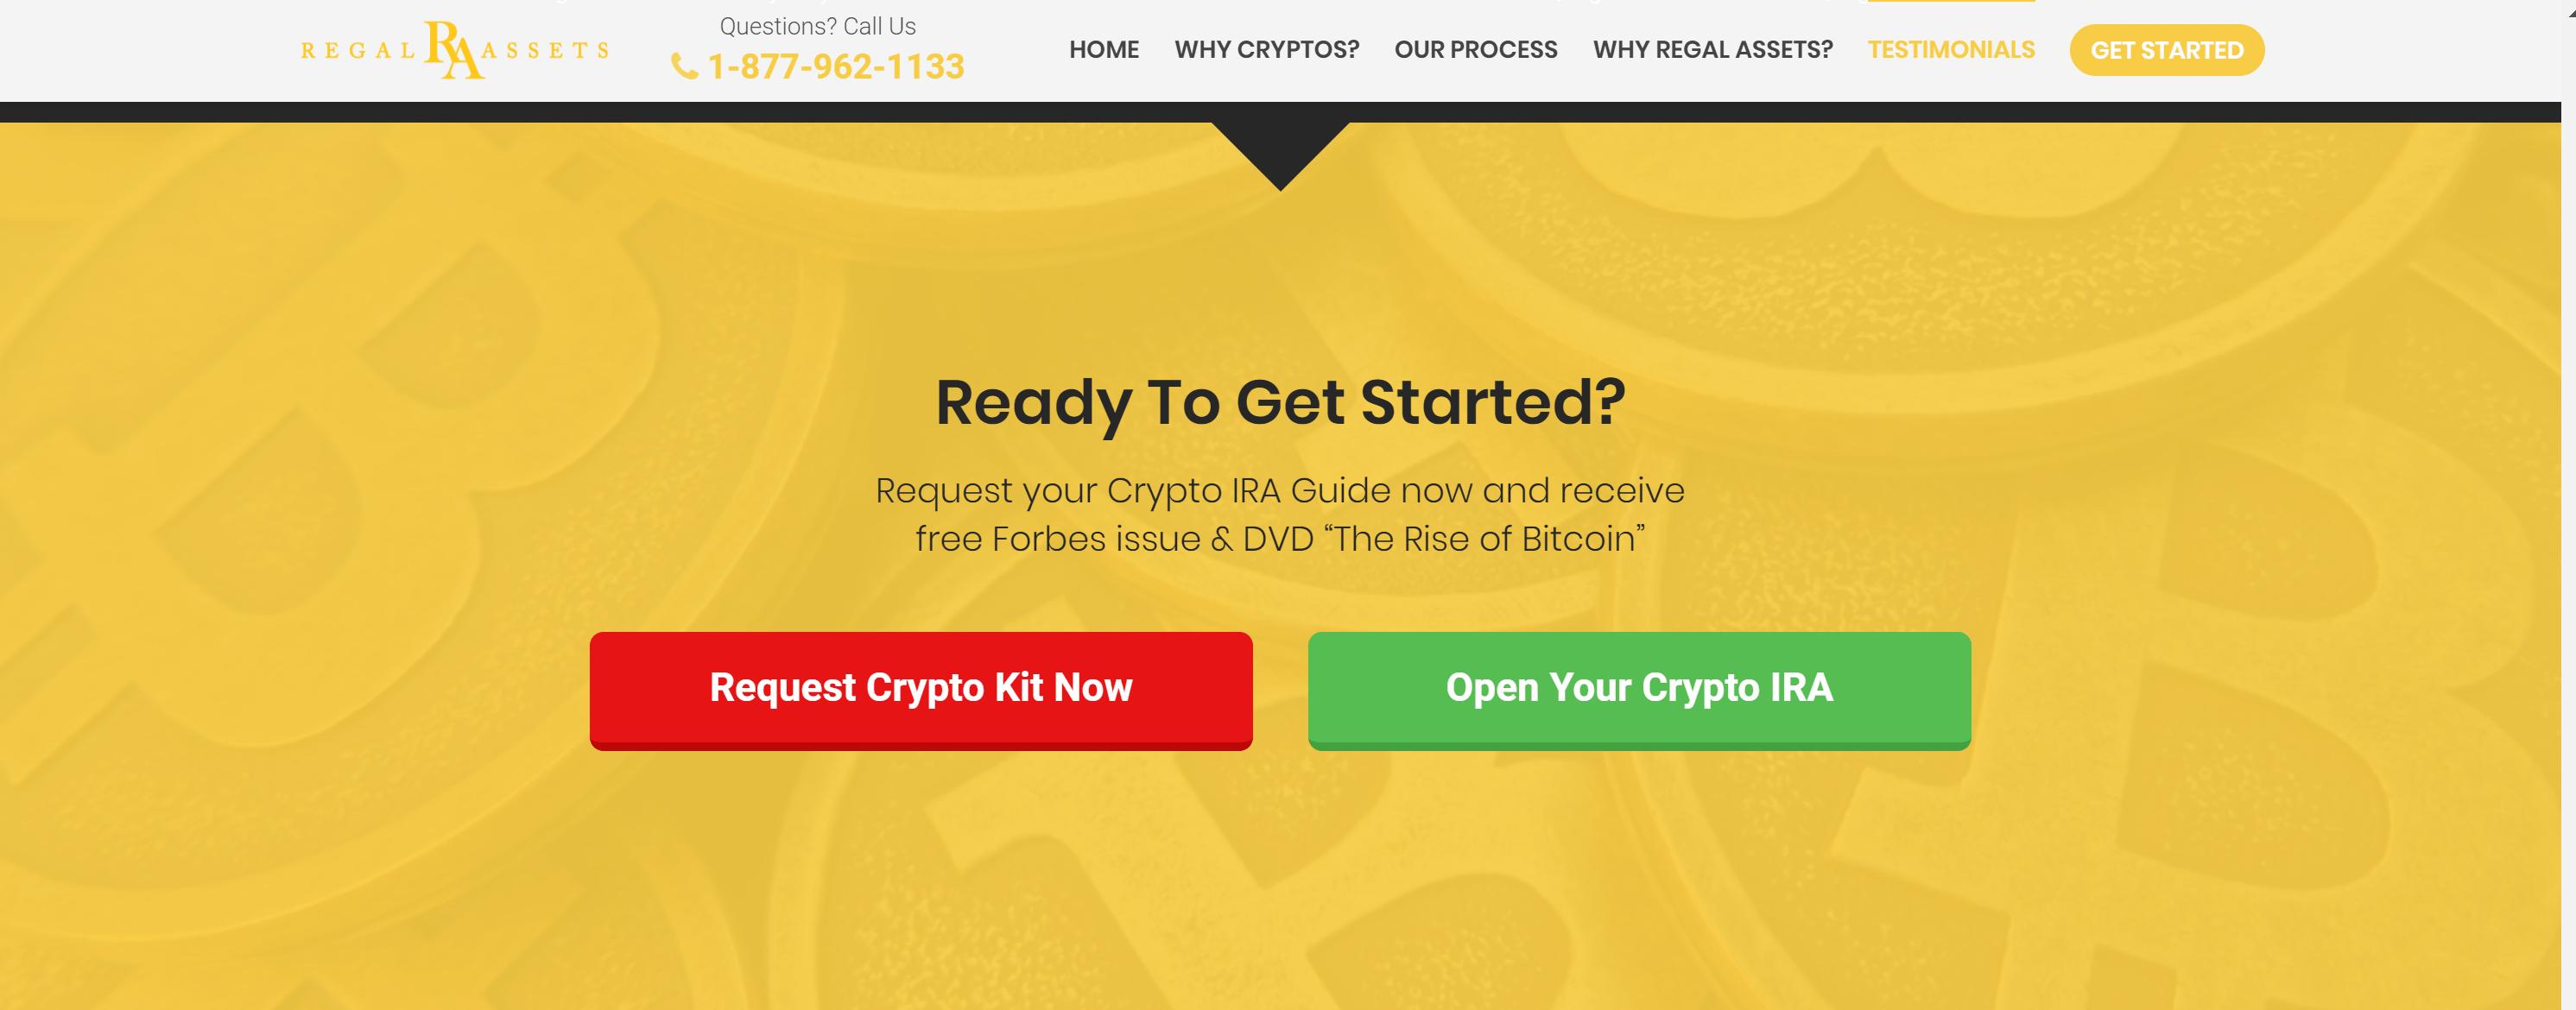 Regal assets bitcoin